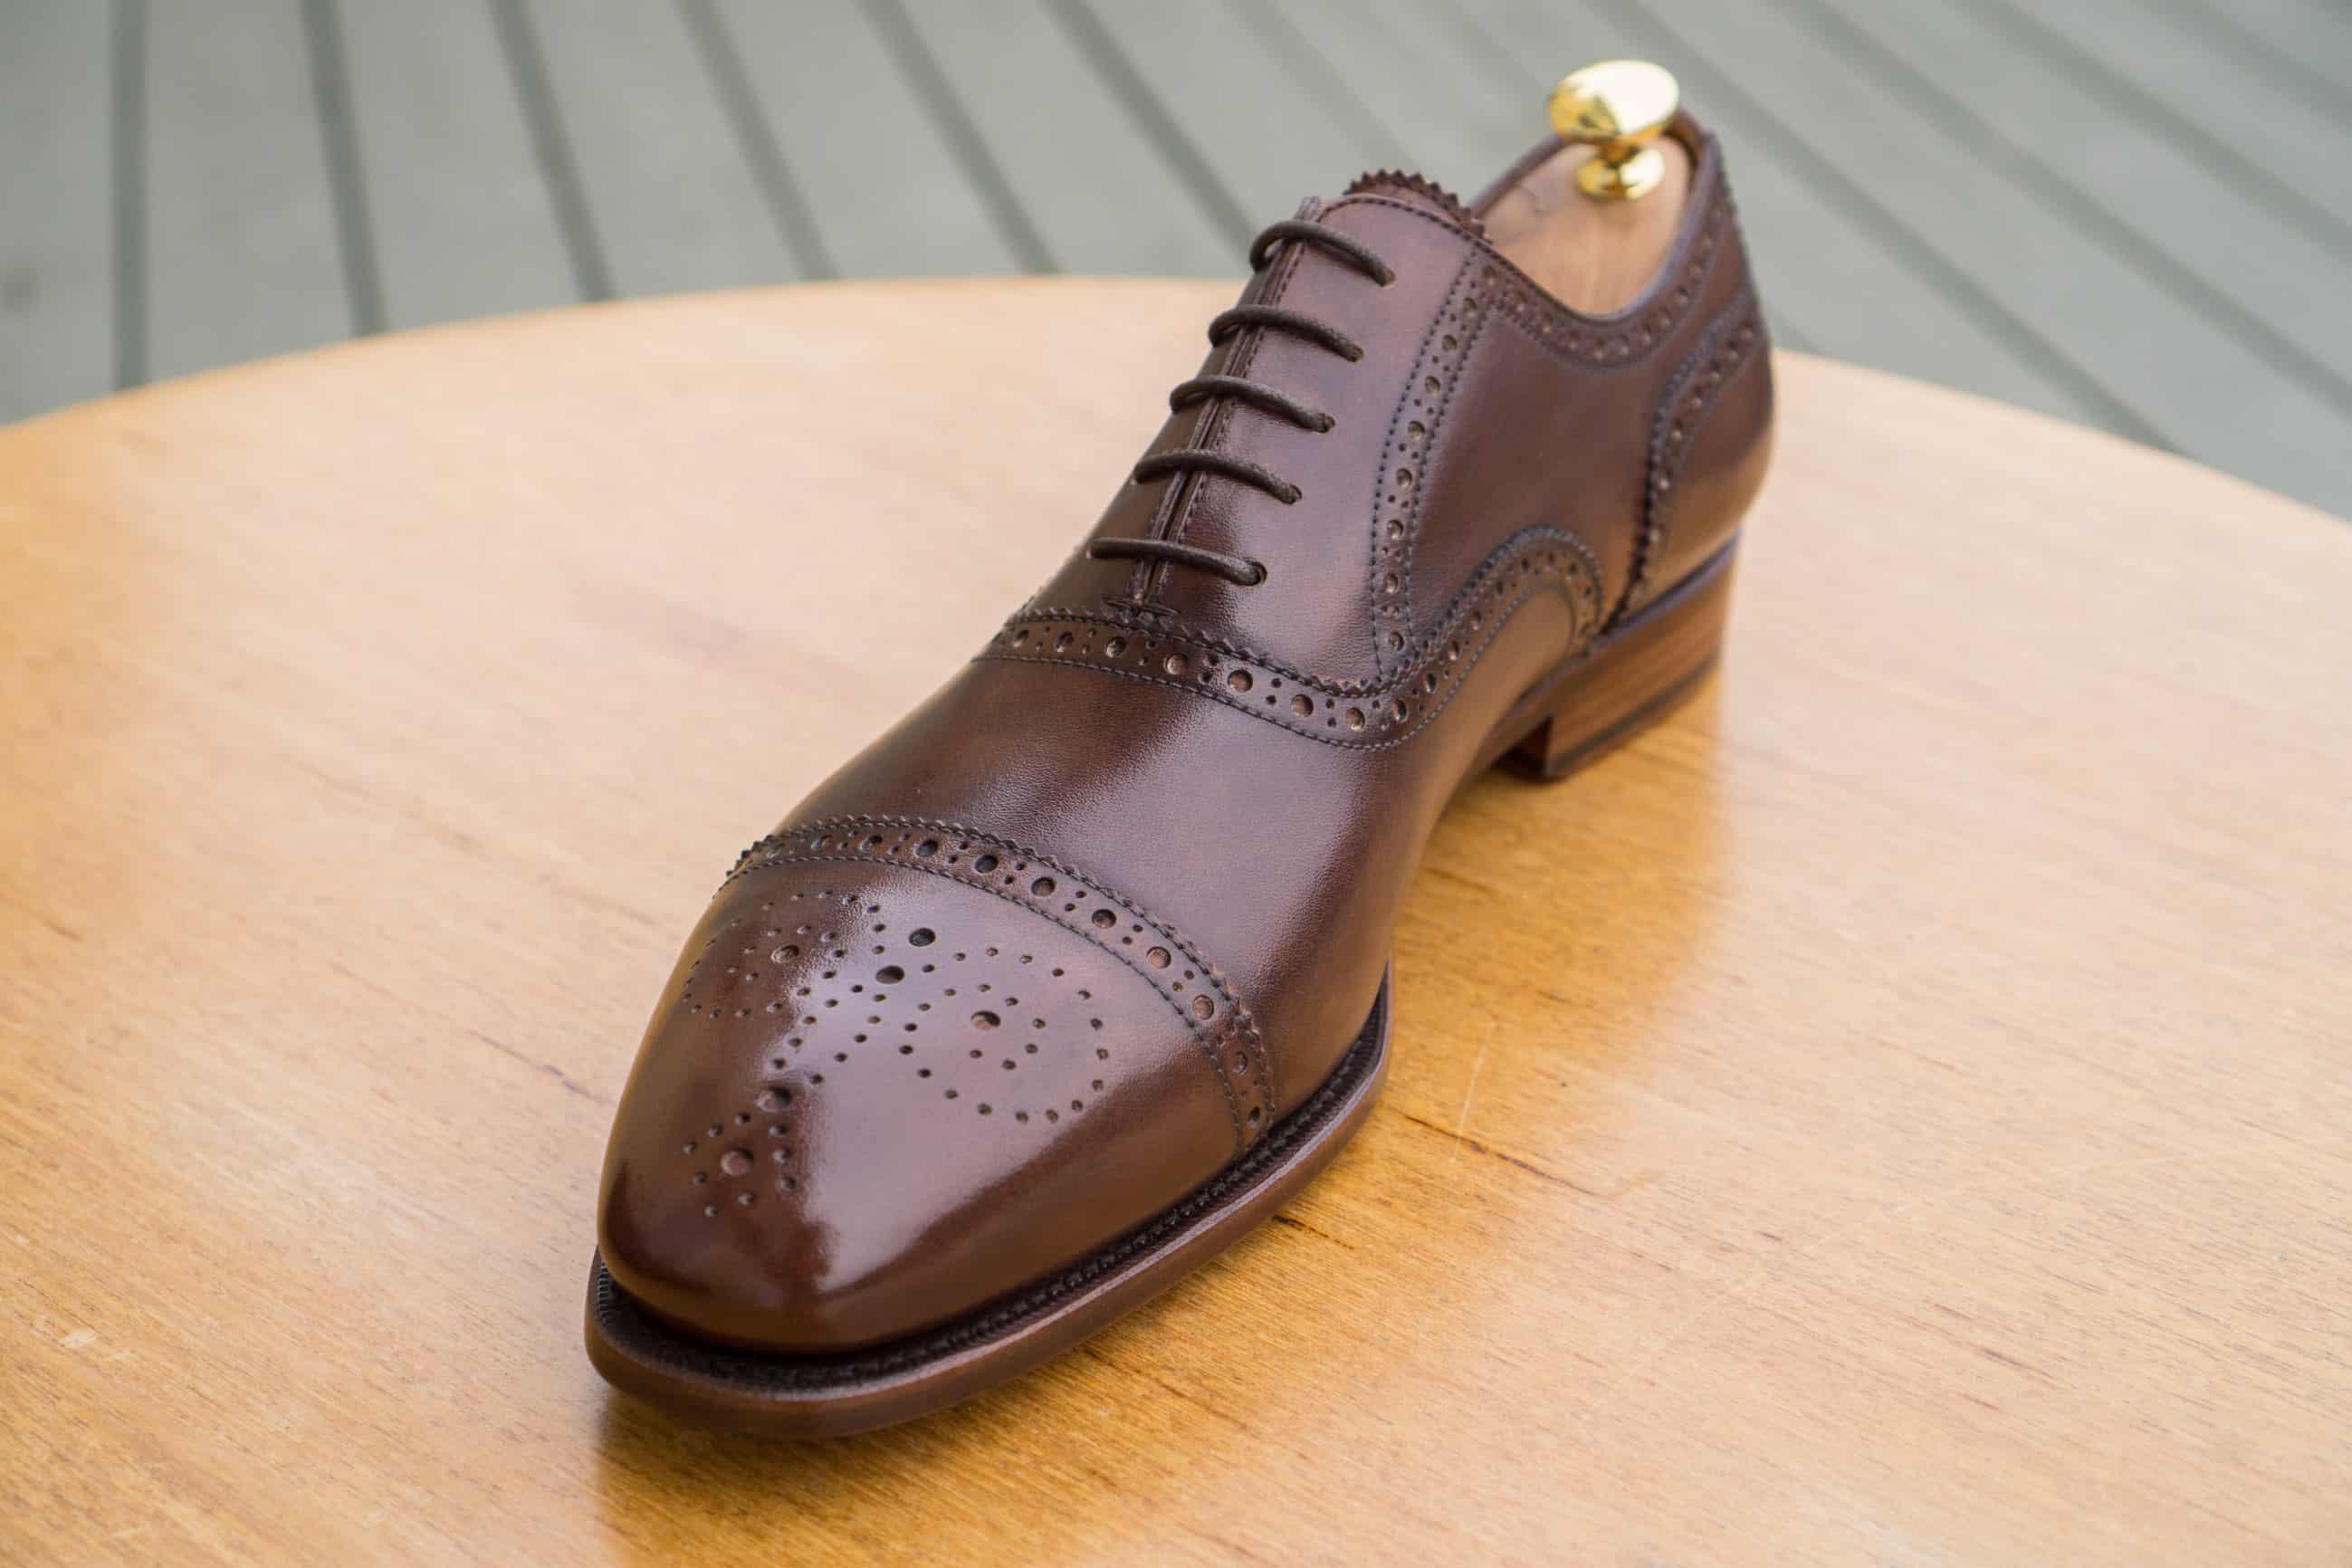 f3db4862d17 Lädret på dessa är rätt grovt med stora porer, och använde det på skorna  när de var helt nya, så kanske inte ultimat testobjekt.